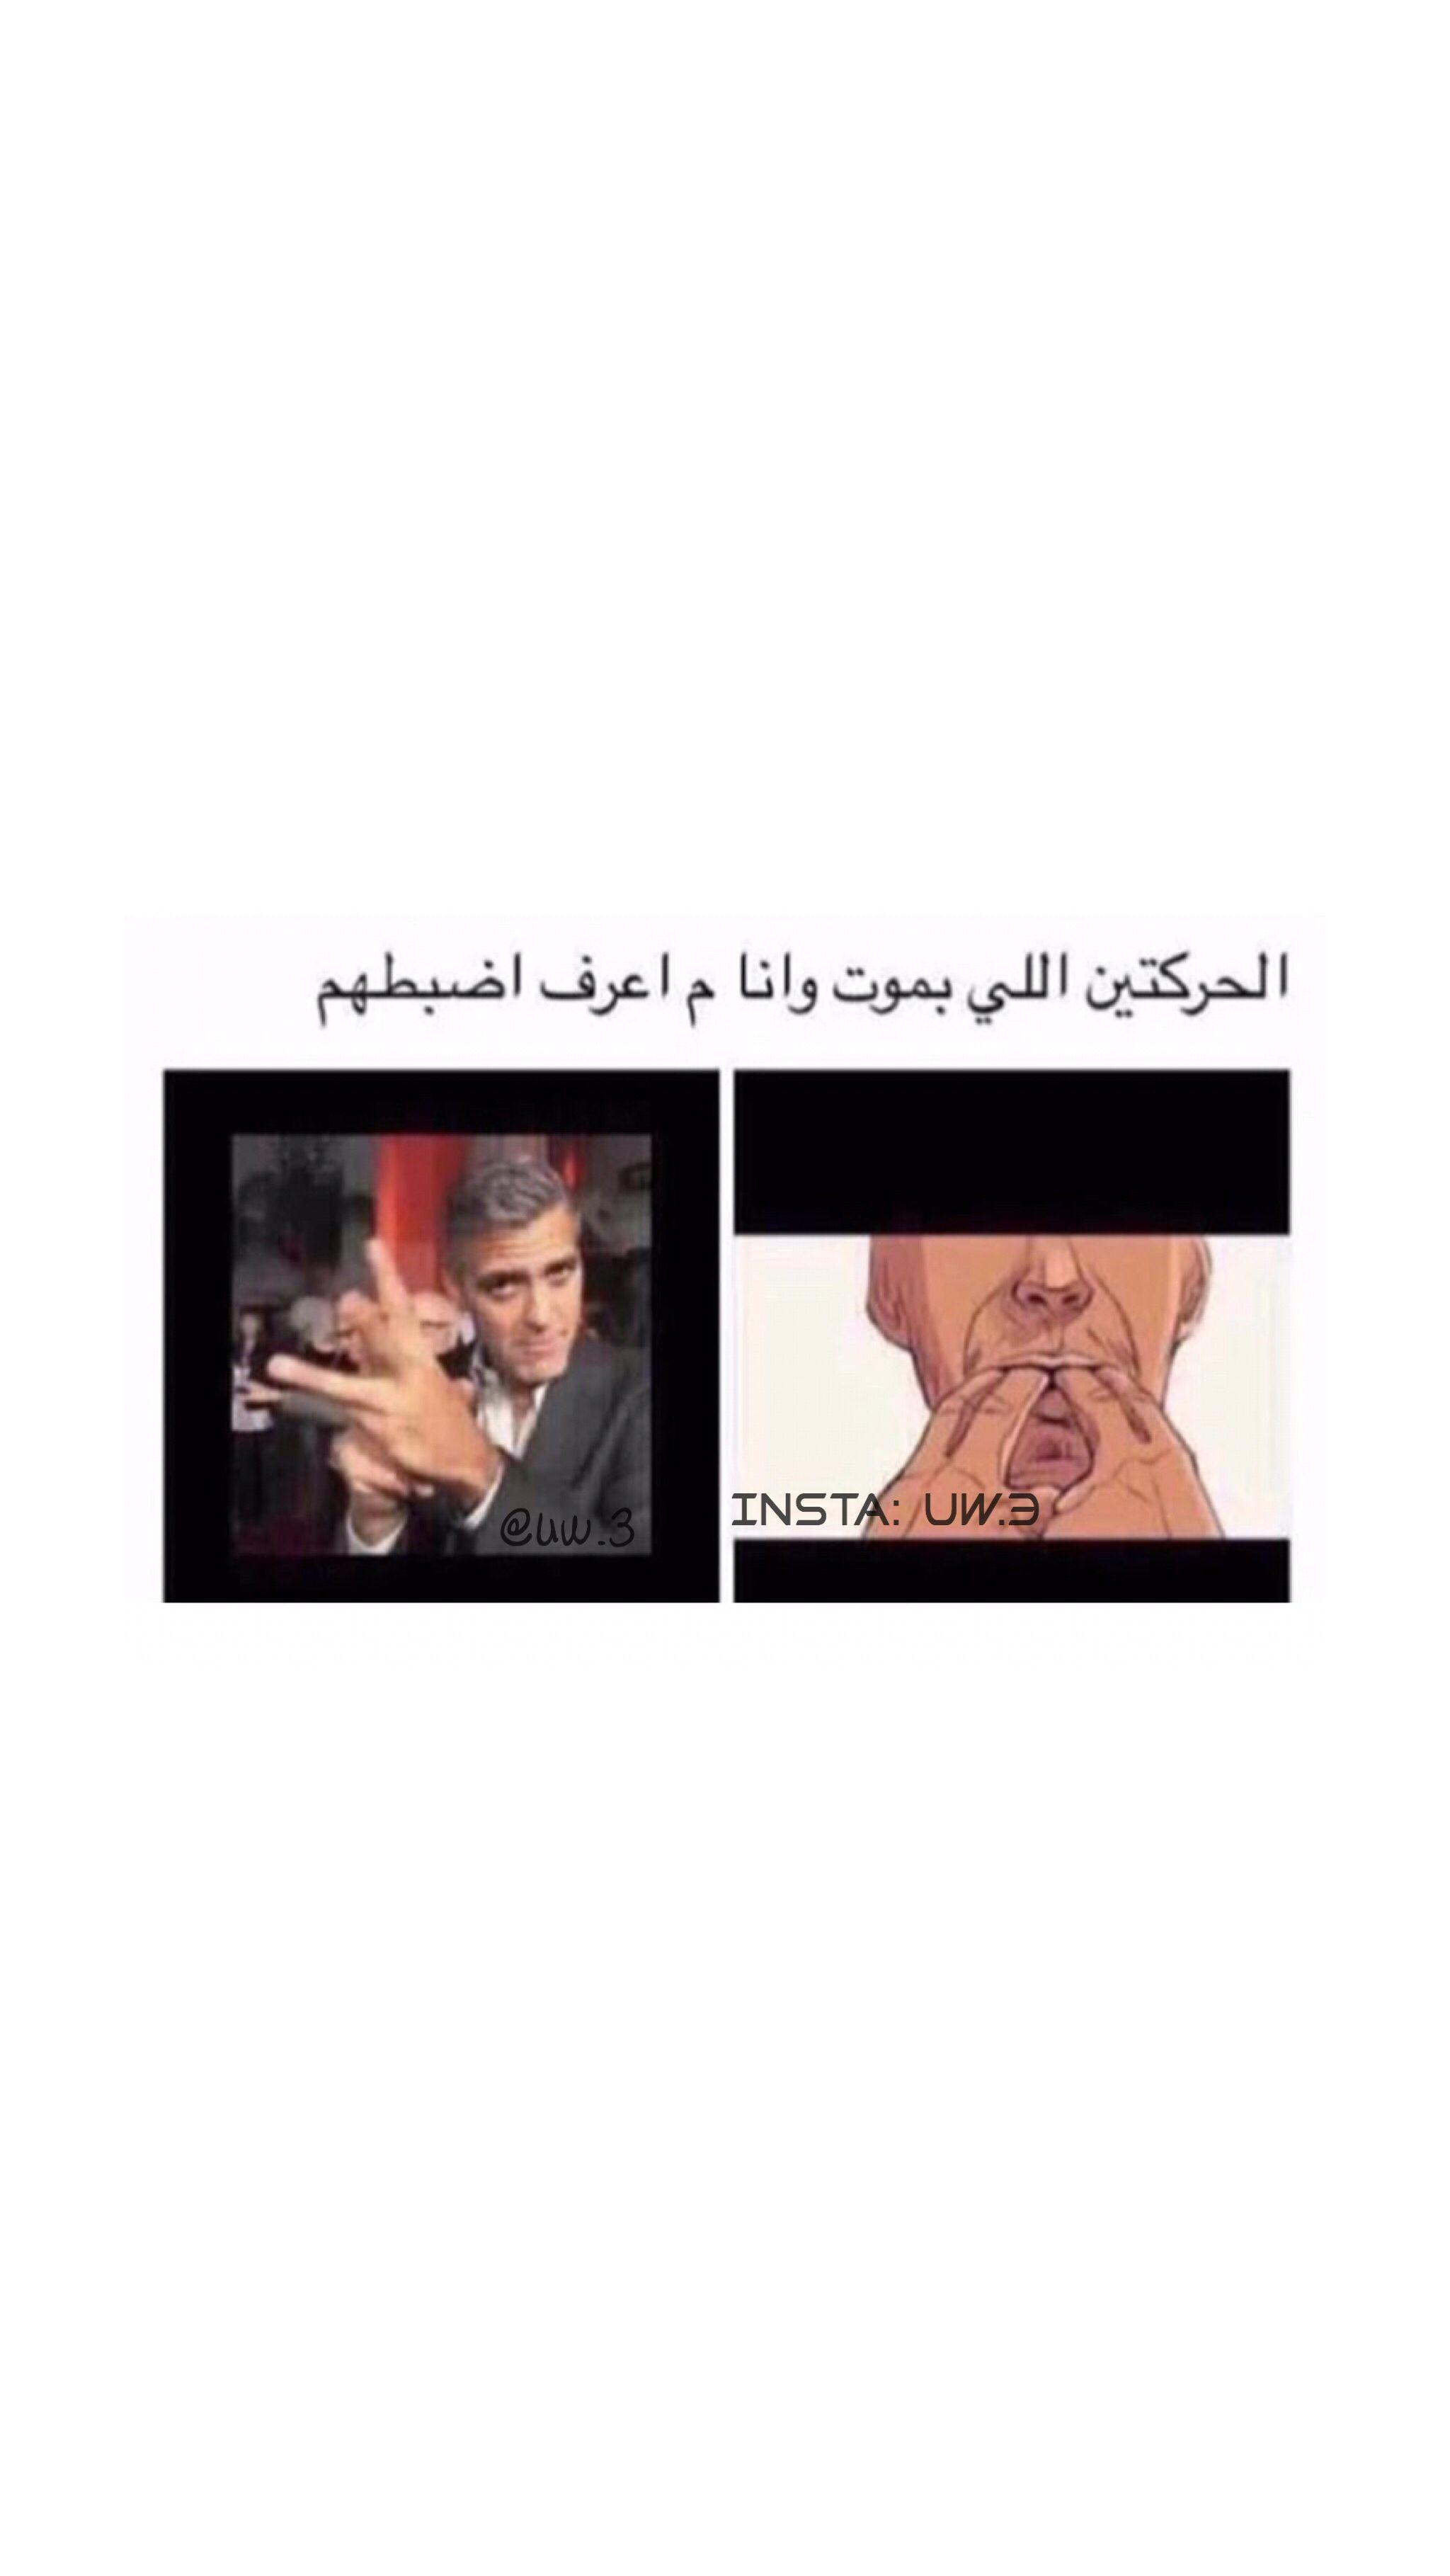 قناتي على تيلجرام Iq Vx Fun Quotes Funny Funny Arabic Quotes Arabic Funny